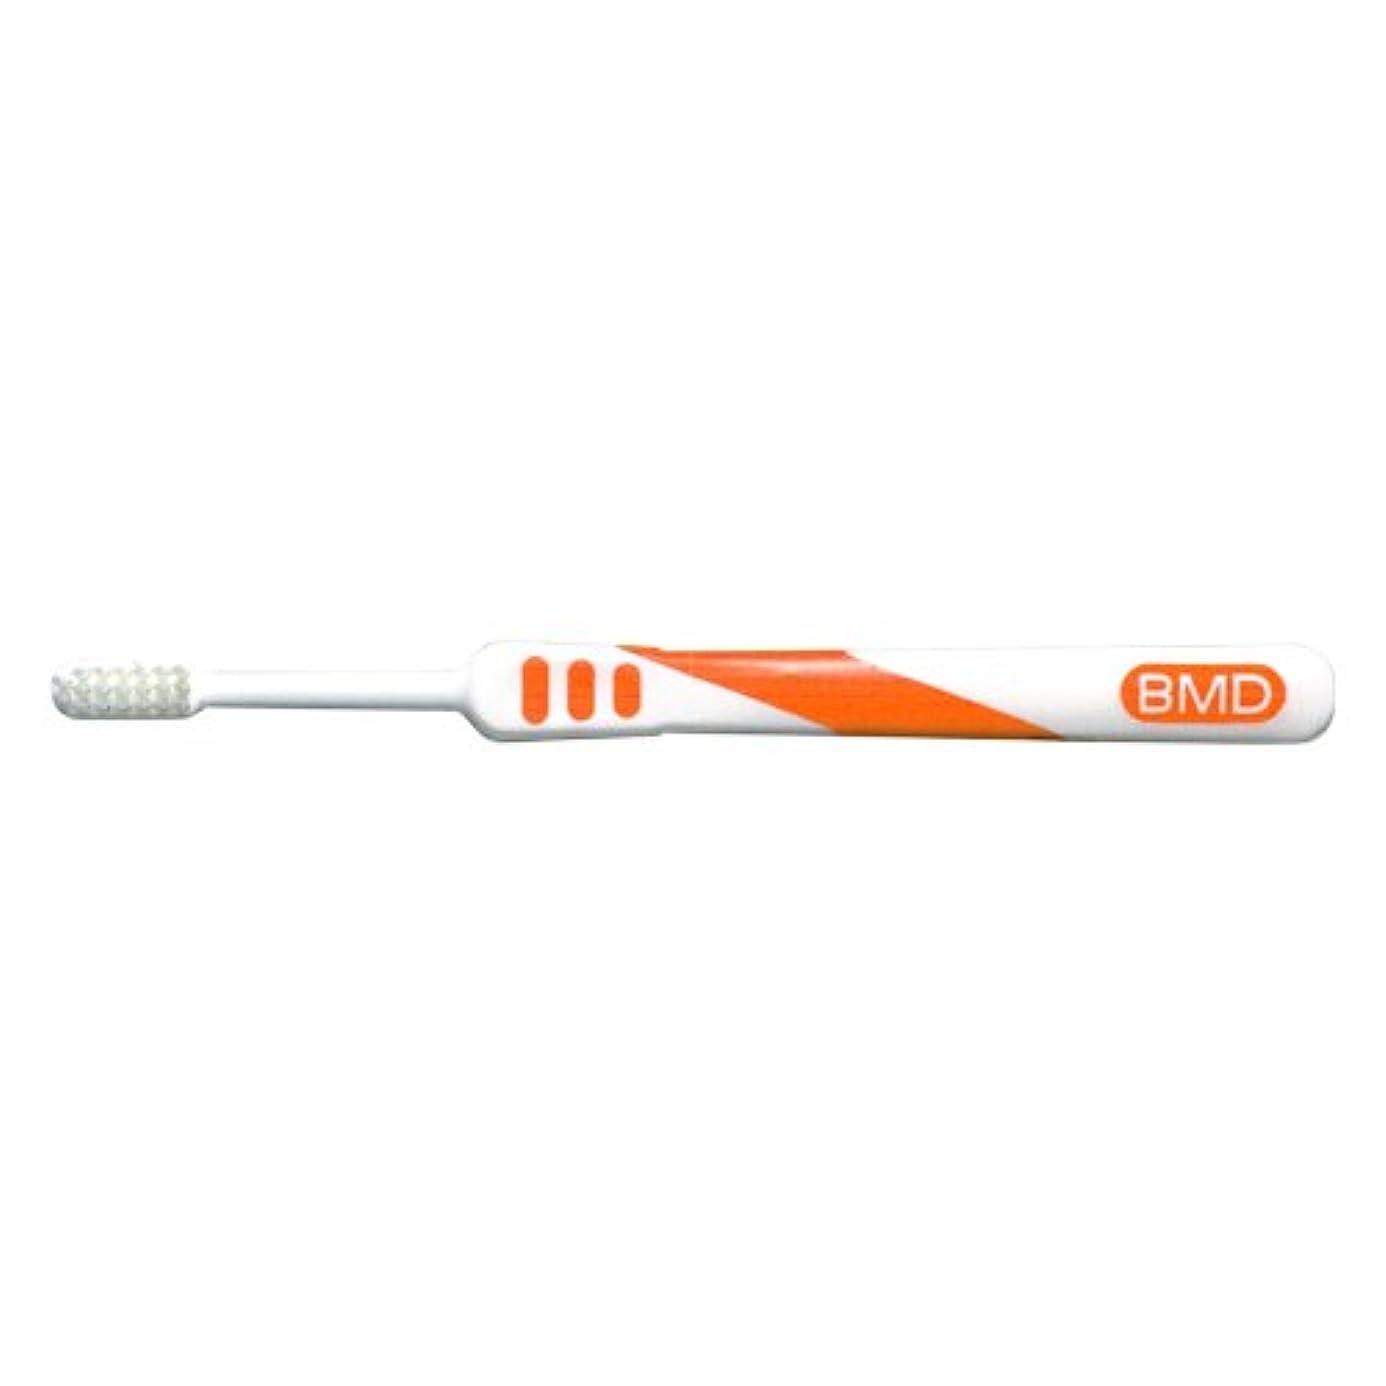 制裁トランザクションのりビーブランド ビークイーン歯ブラシ 1本 105 タイブオレンジ